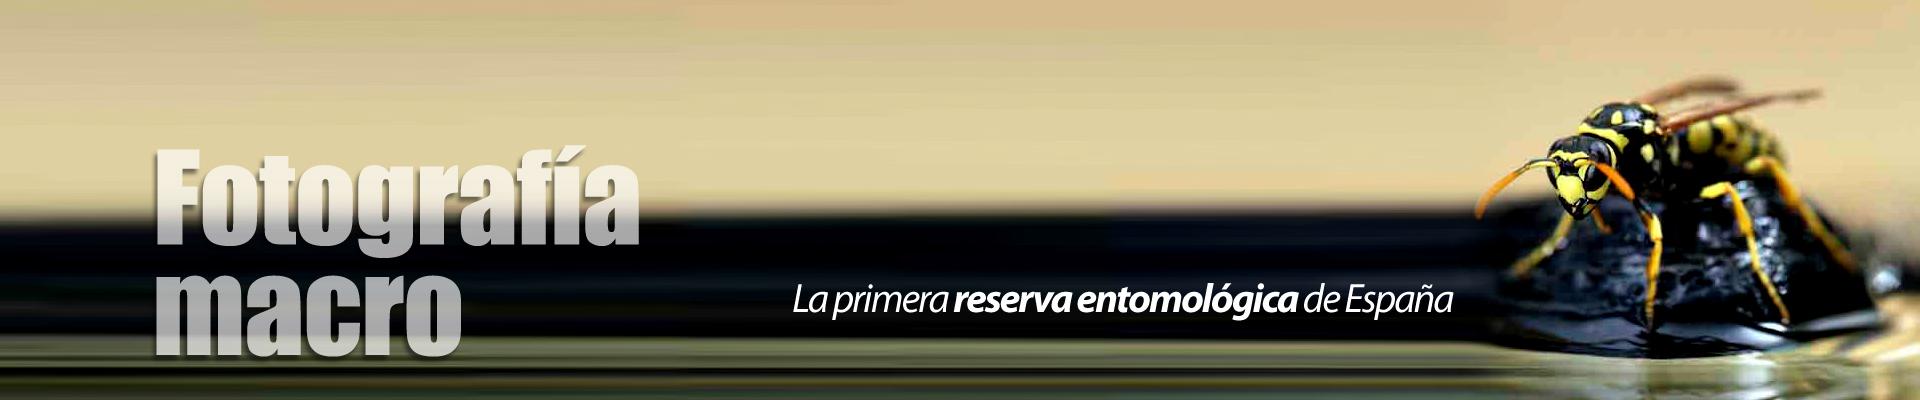 Slider-Reserva3-1920x400px